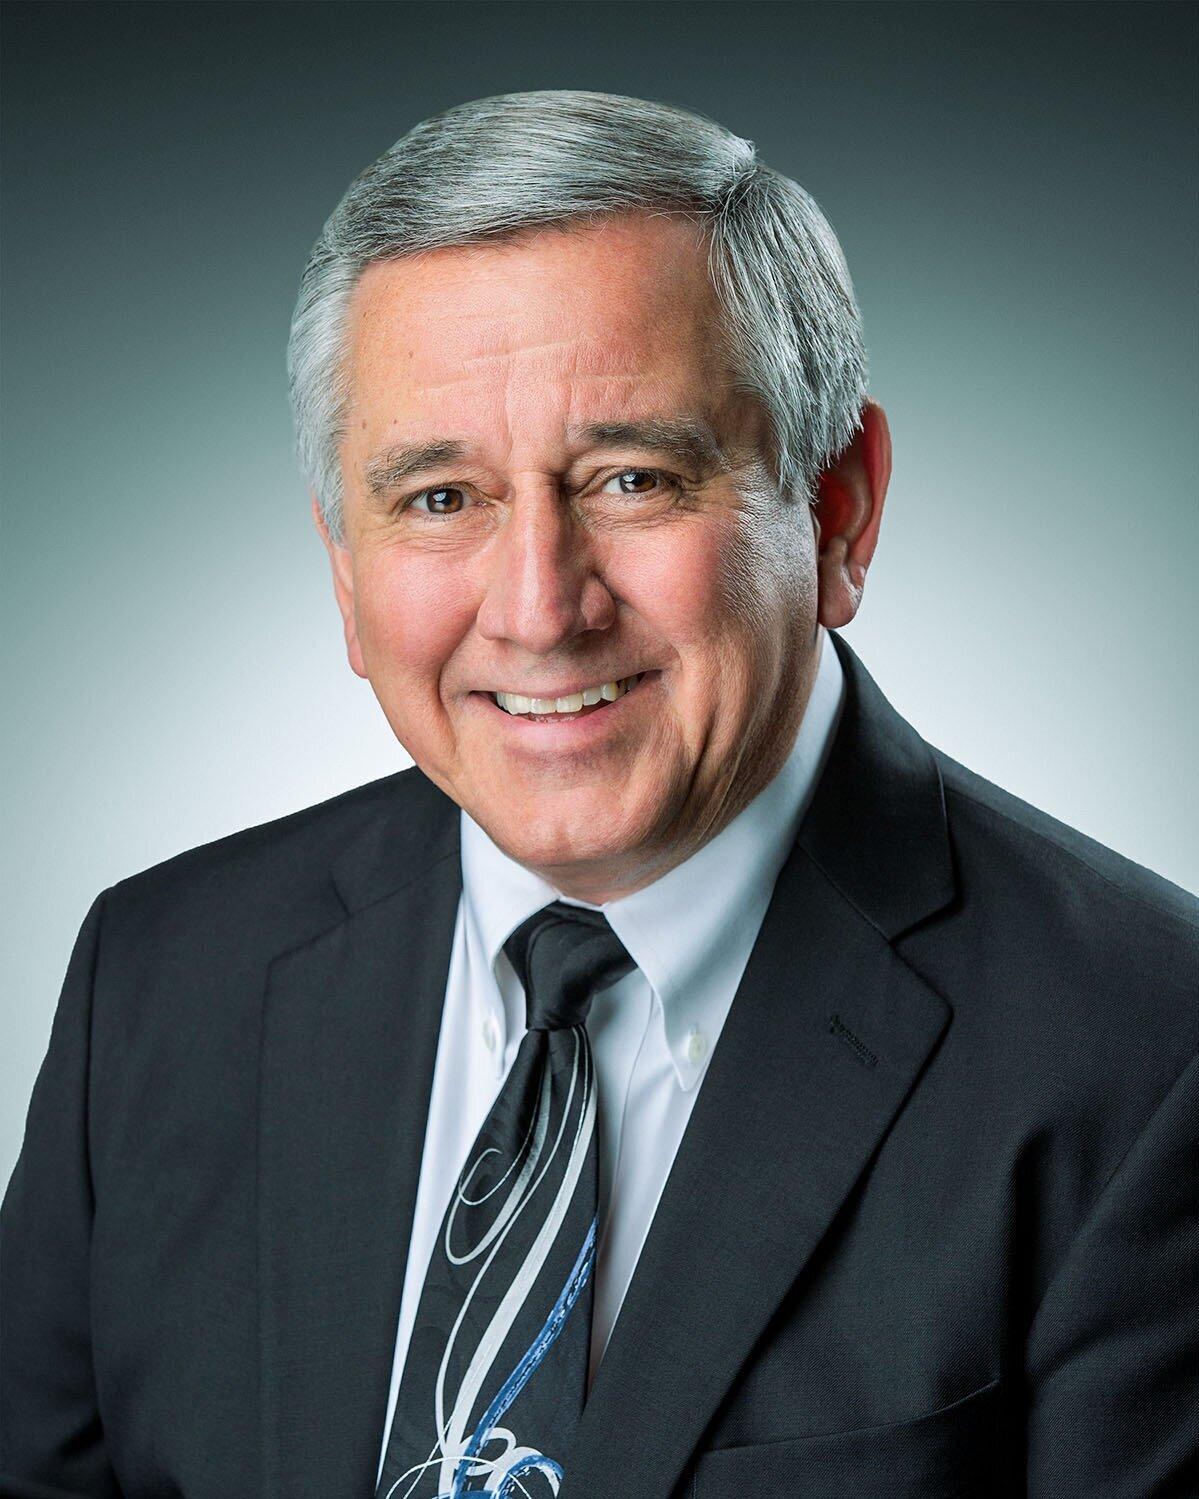 Ralph C.Segarra - Staff Quality Analyst, LSBBNorthrop Grumman Mission SystemsNorthrop Grumman Corporation